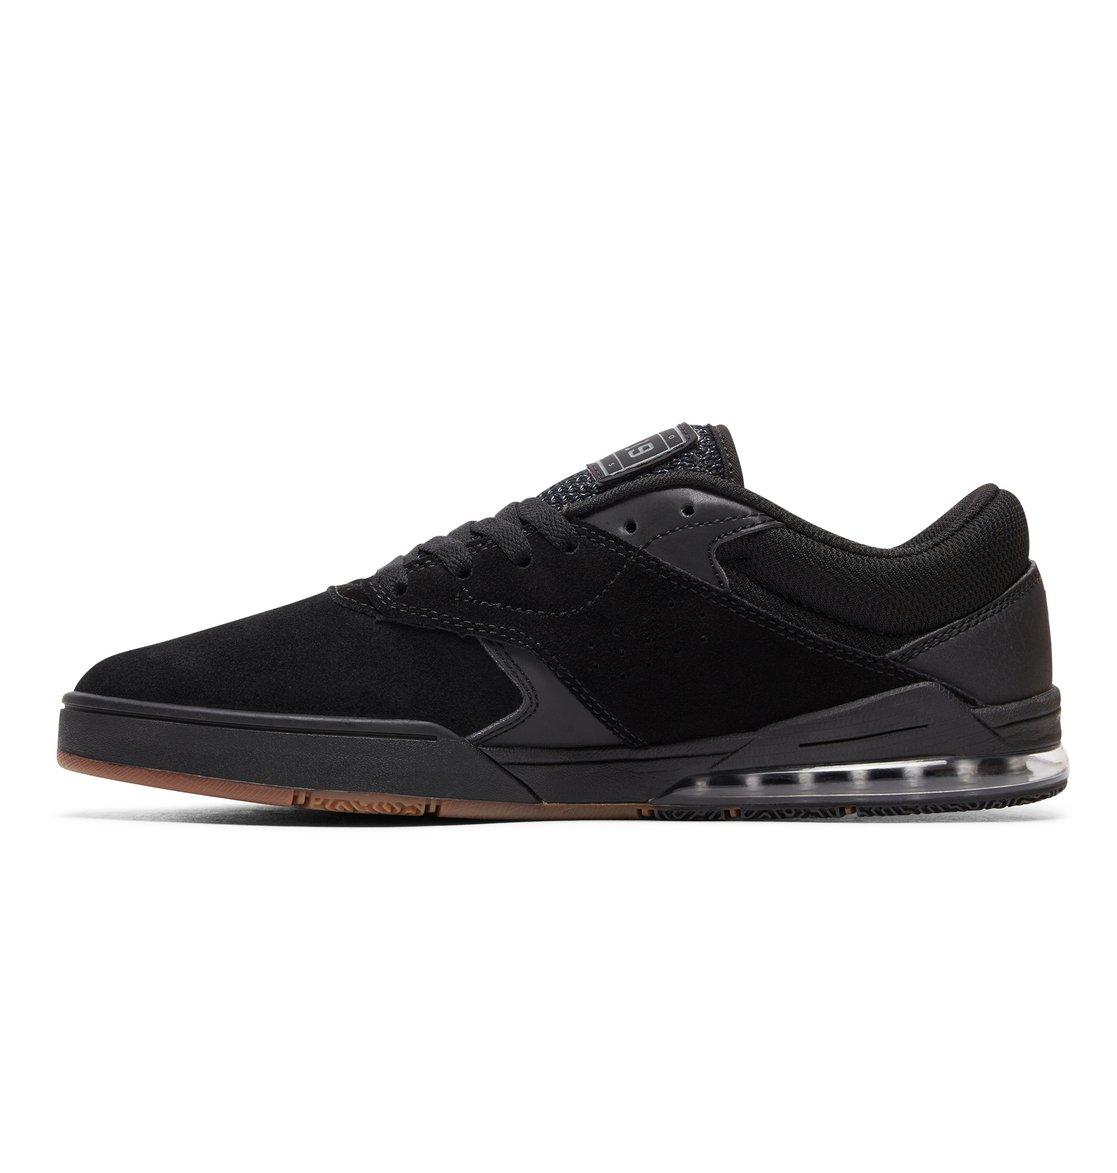 tiago s chaussures de skate pour homme adys100386 dc shoes. Black Bedroom Furniture Sets. Home Design Ideas